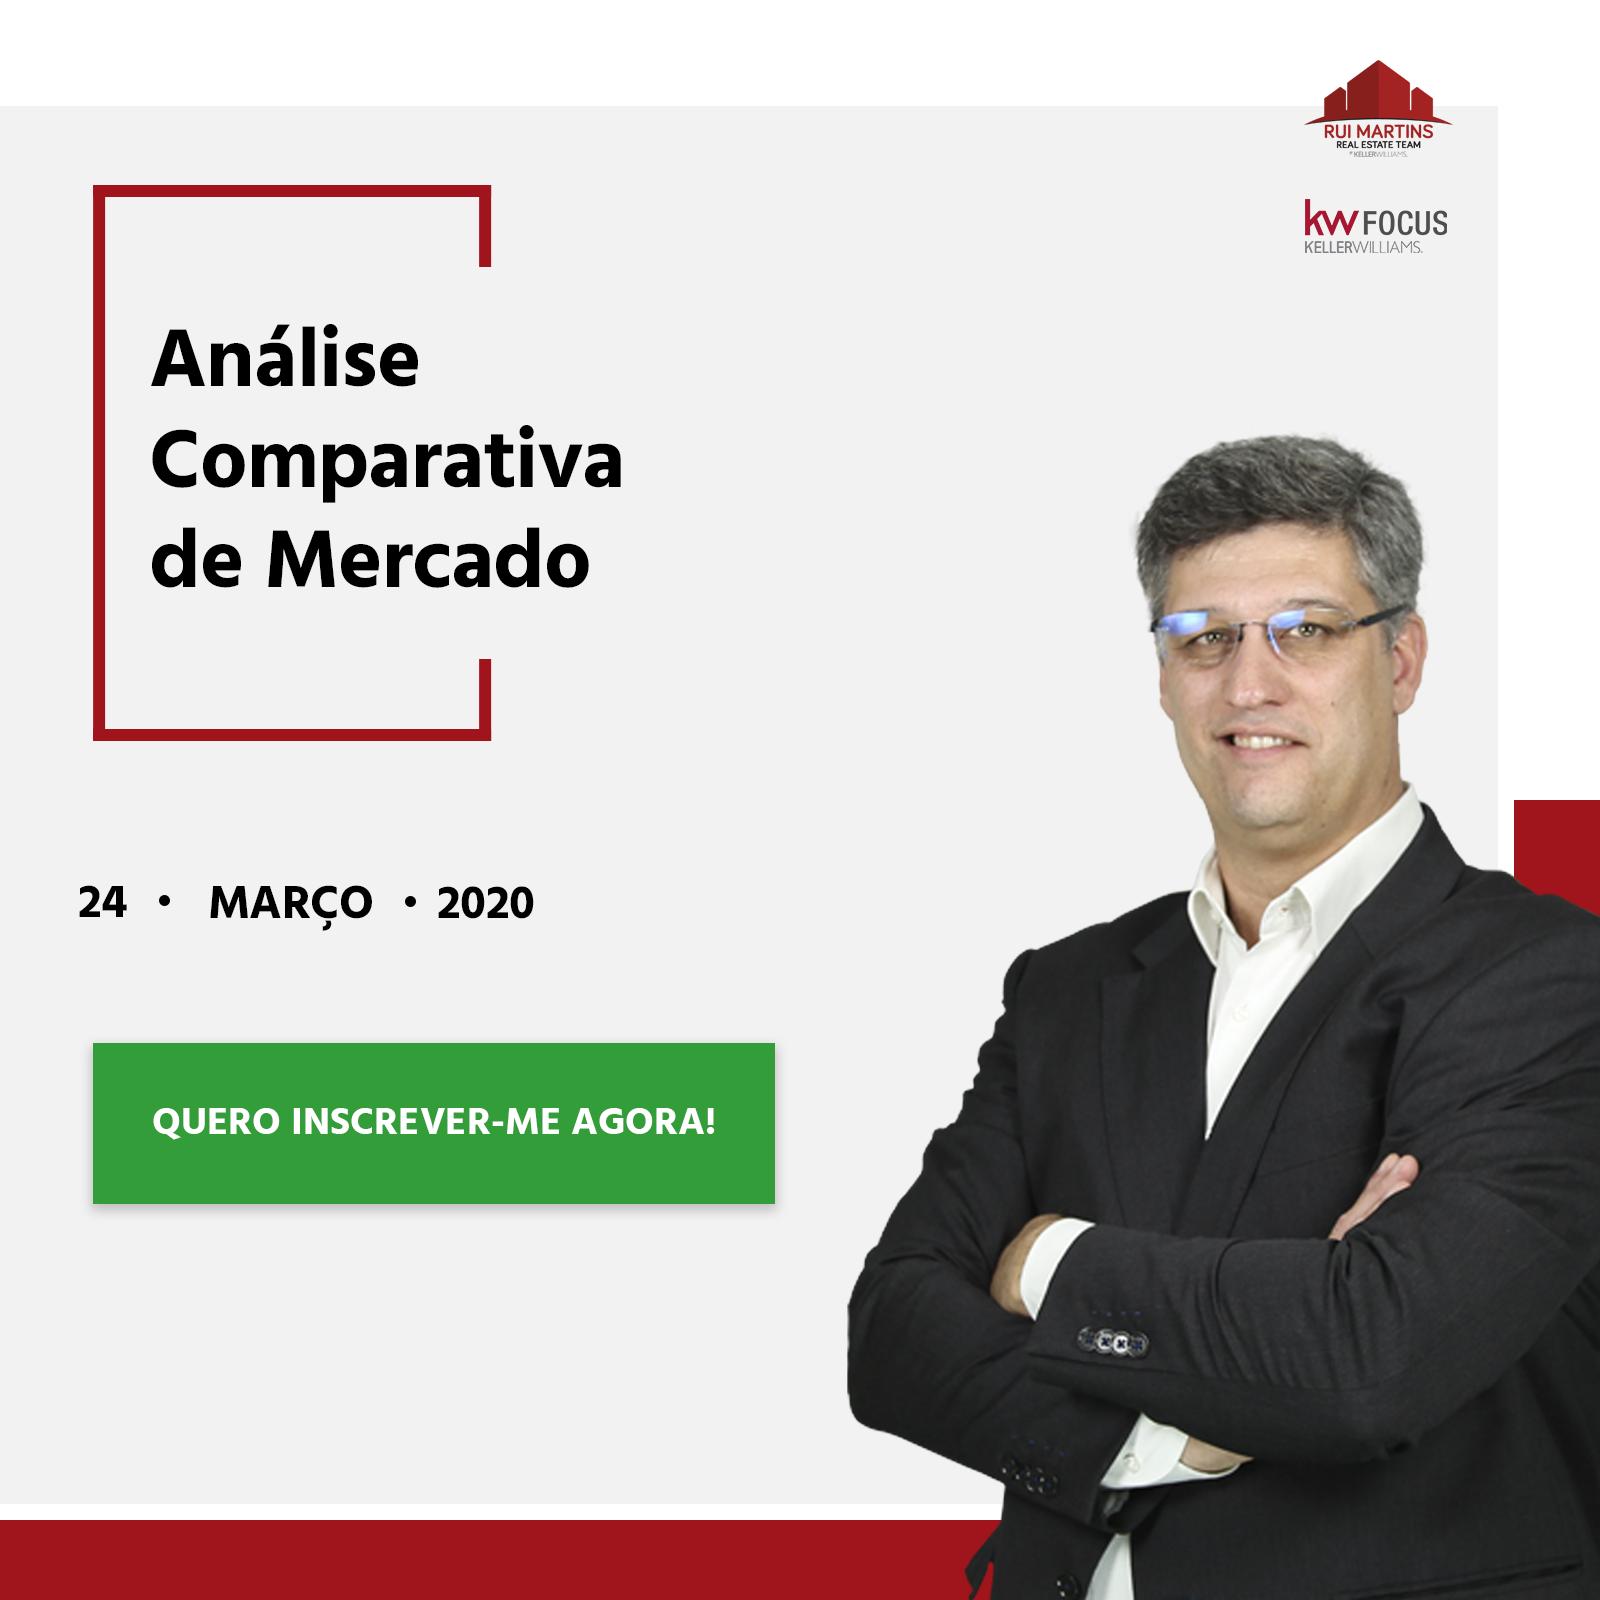 evento_24 MARÇO